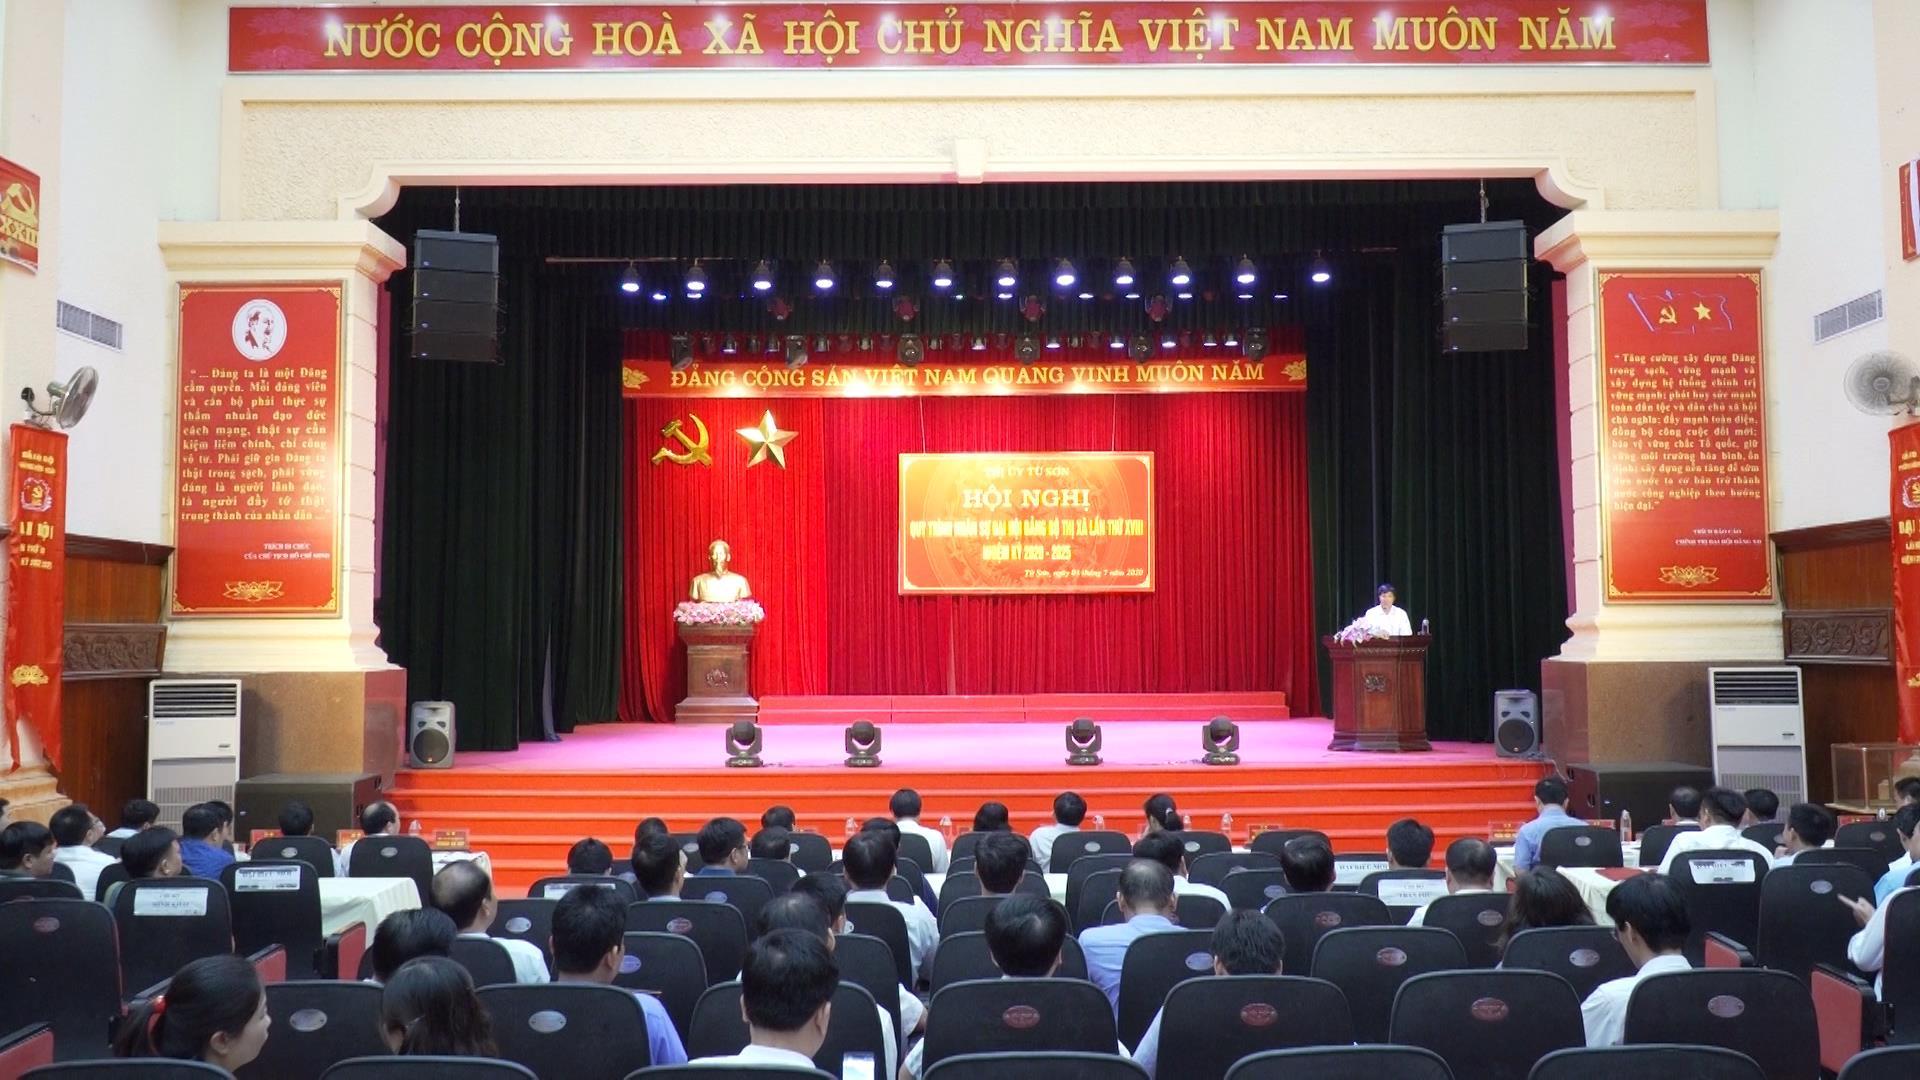 Thị ủy Từ Sơn tổ chức quy trình công tác nhân sự Đại hội Đảng bộ thị xã